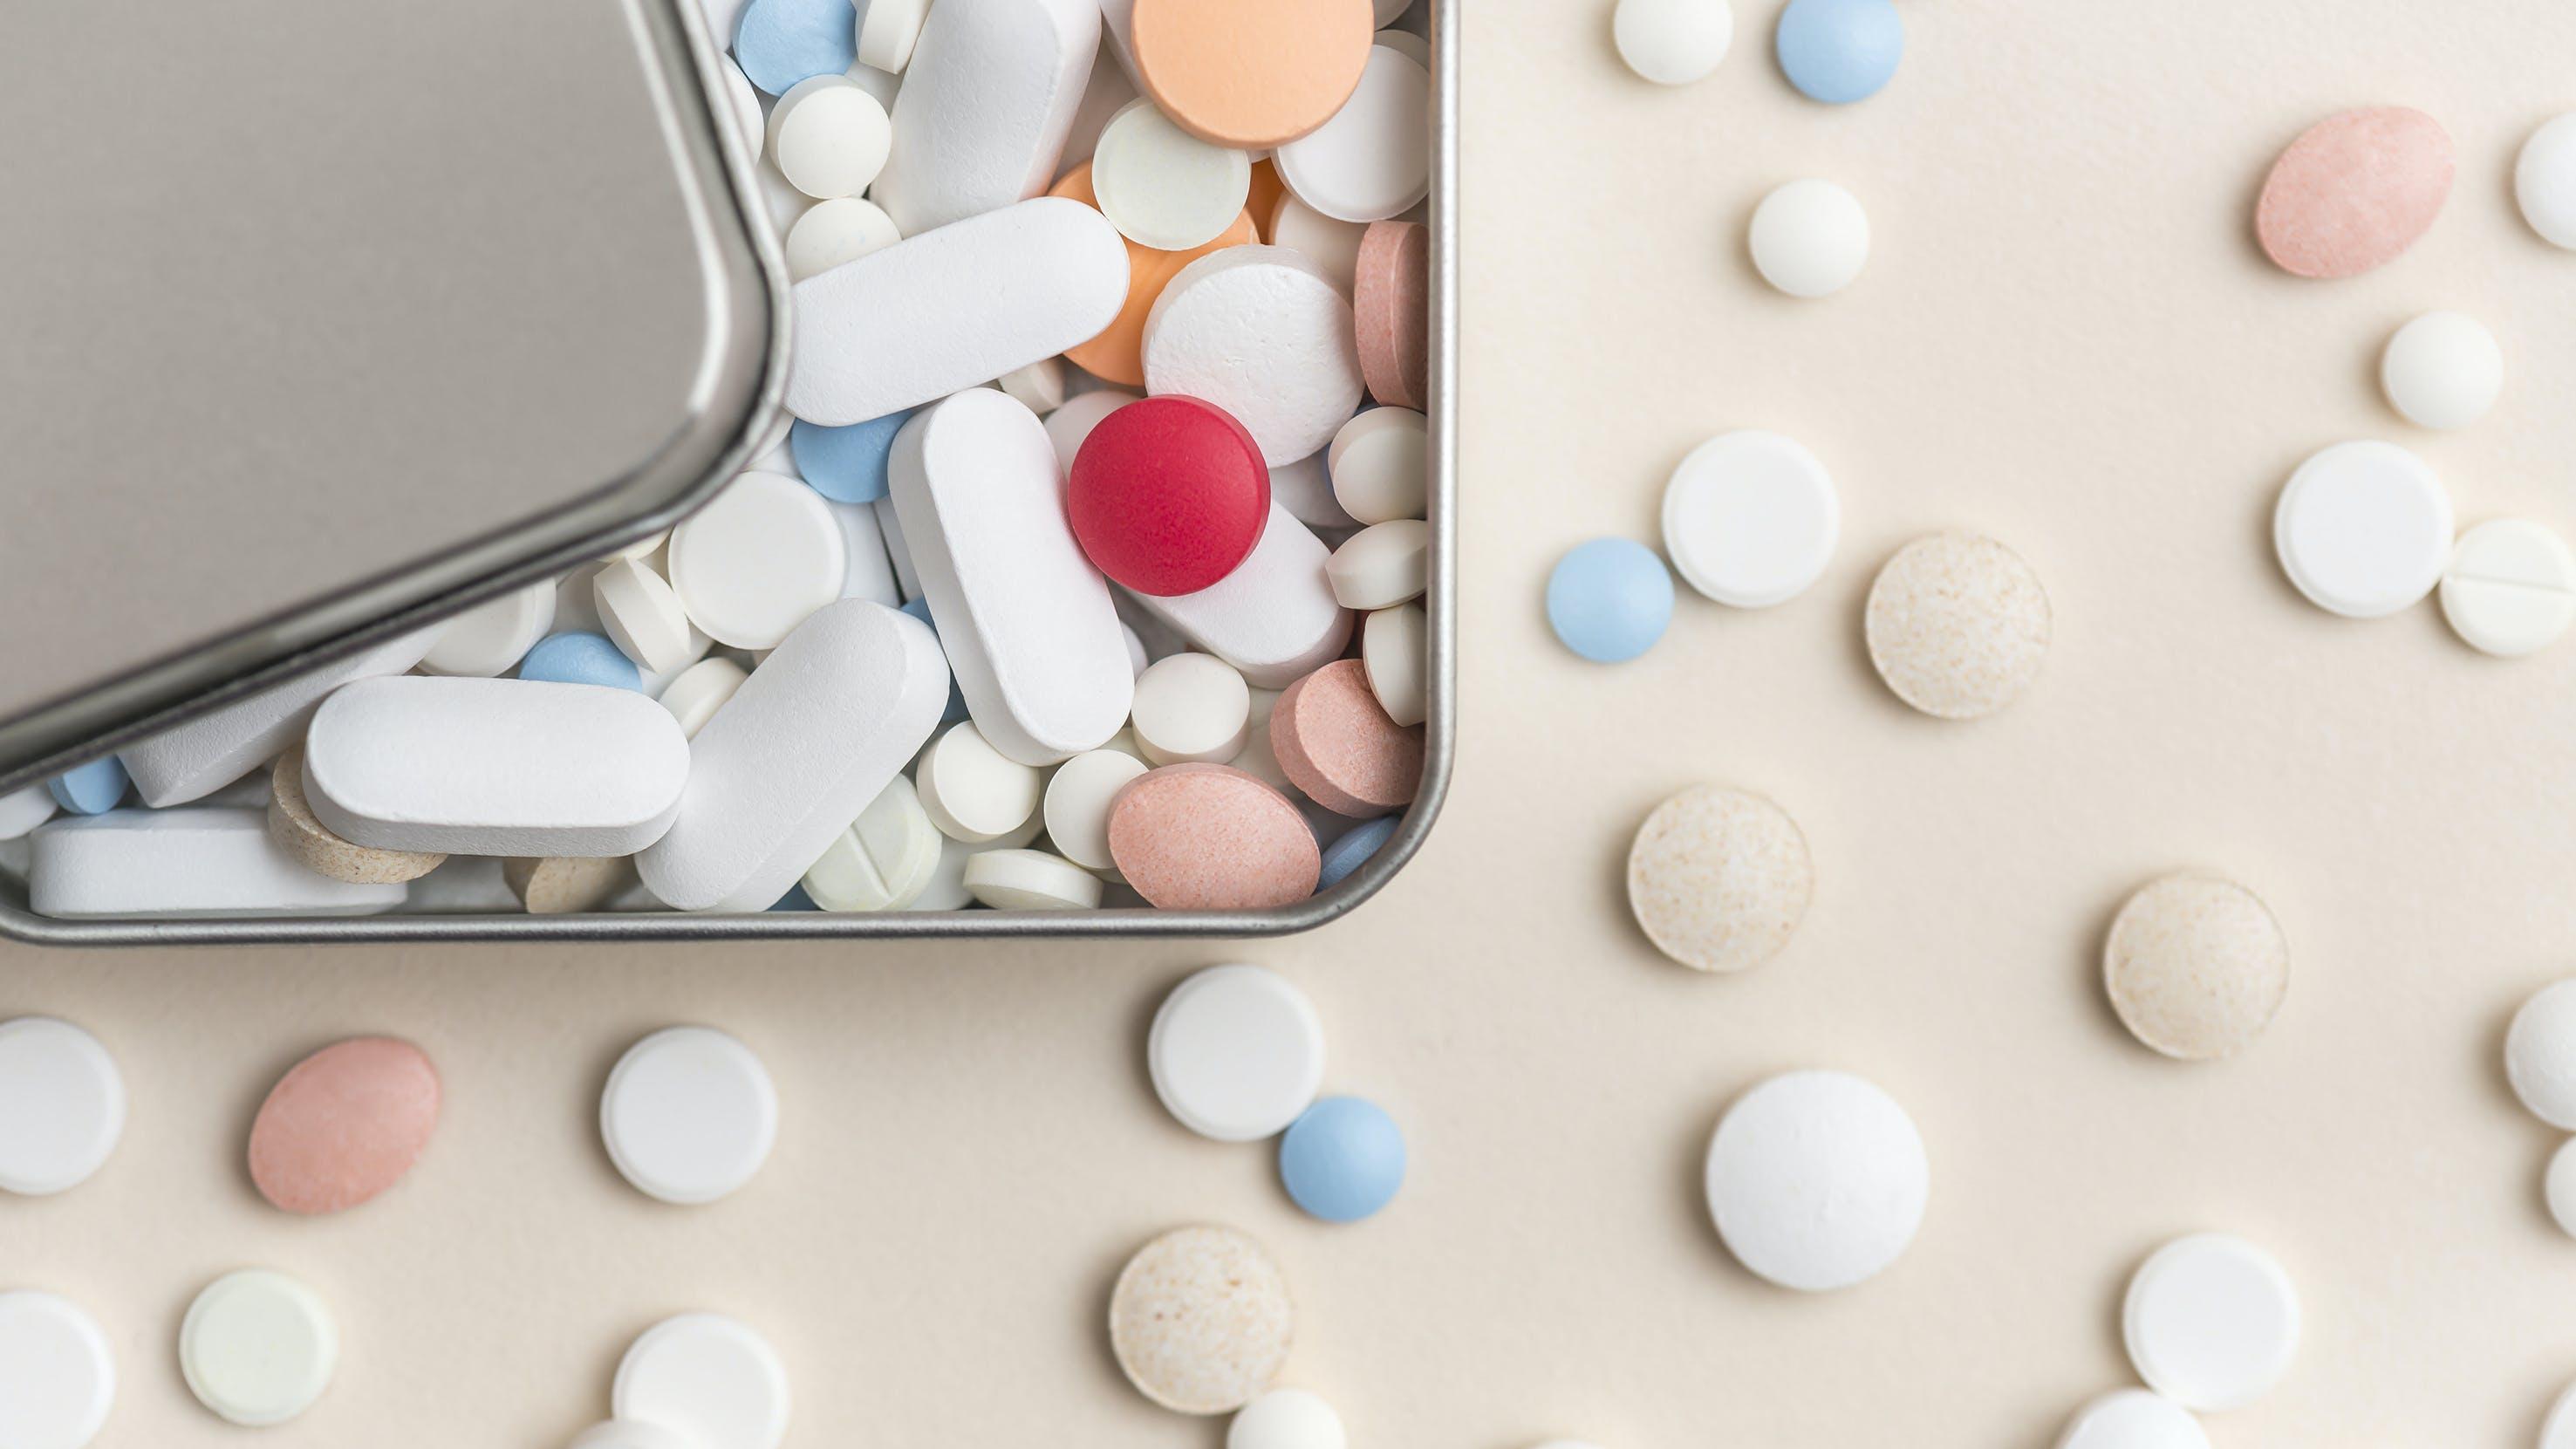 """""""Las pastillas siempre causan daño"""": La redactora jefe de BMJ reclama cambios de hábitos en vez de recetar fármacos"""